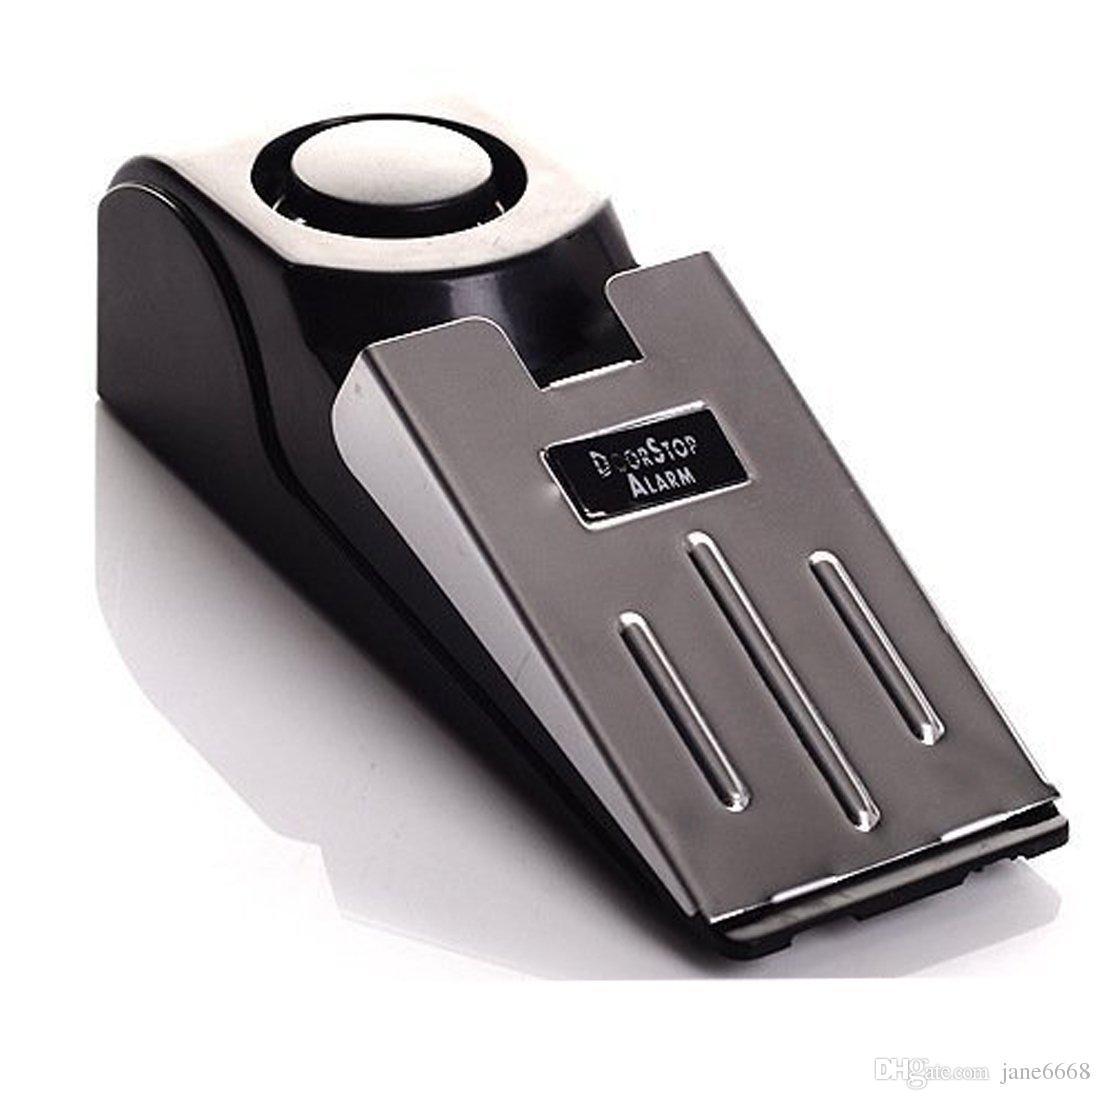 ترقية إنذار إيقاف الباب - كبيرة للمسافرين أدوات الأمن - حاجز الباب - سدادة حاجز الأمان للمنزل 120 ديسيبل بلوك بلوك